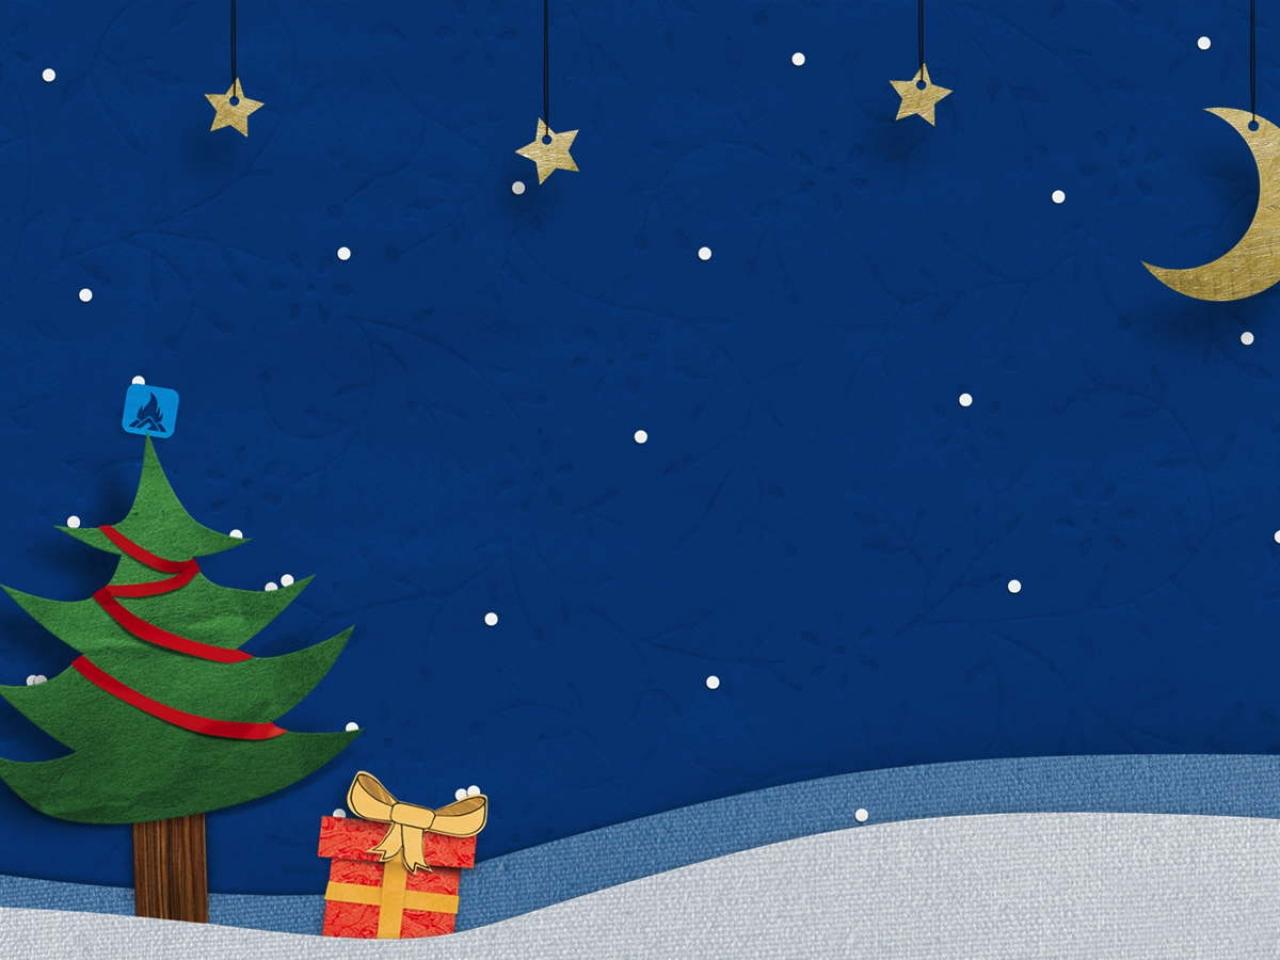 Una noche de navidad - 1280x960